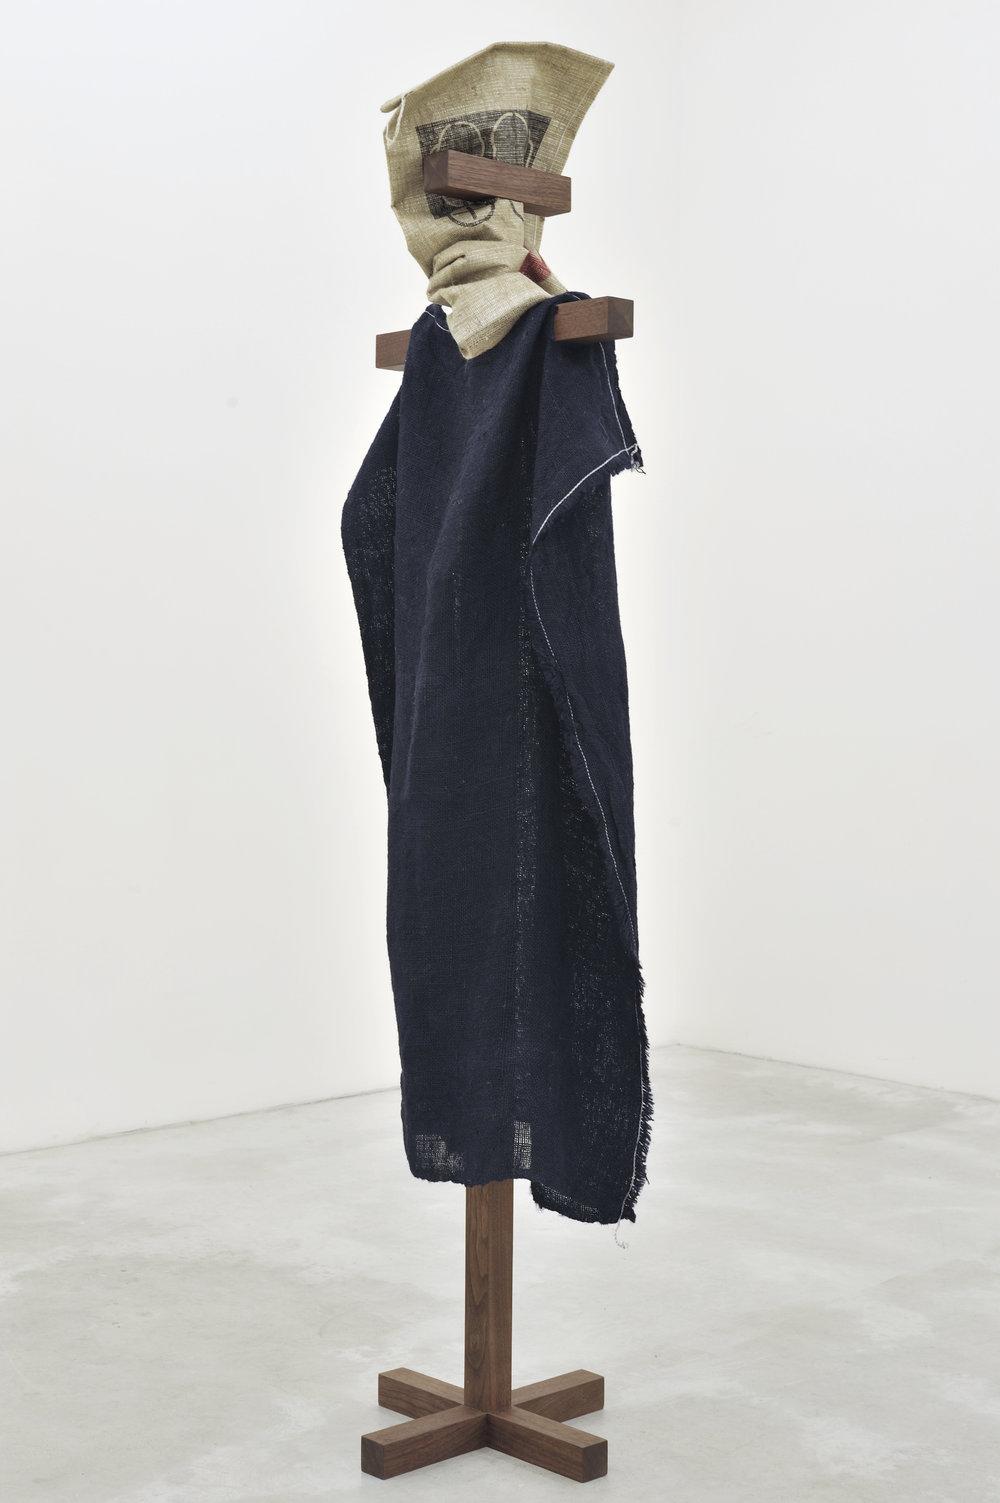 Scarecrow, 2011 walnut frame and burlap sacks 195 x 46 x 46 cm - 76 3/4 x 18 1/8 x 18 1/8 inches